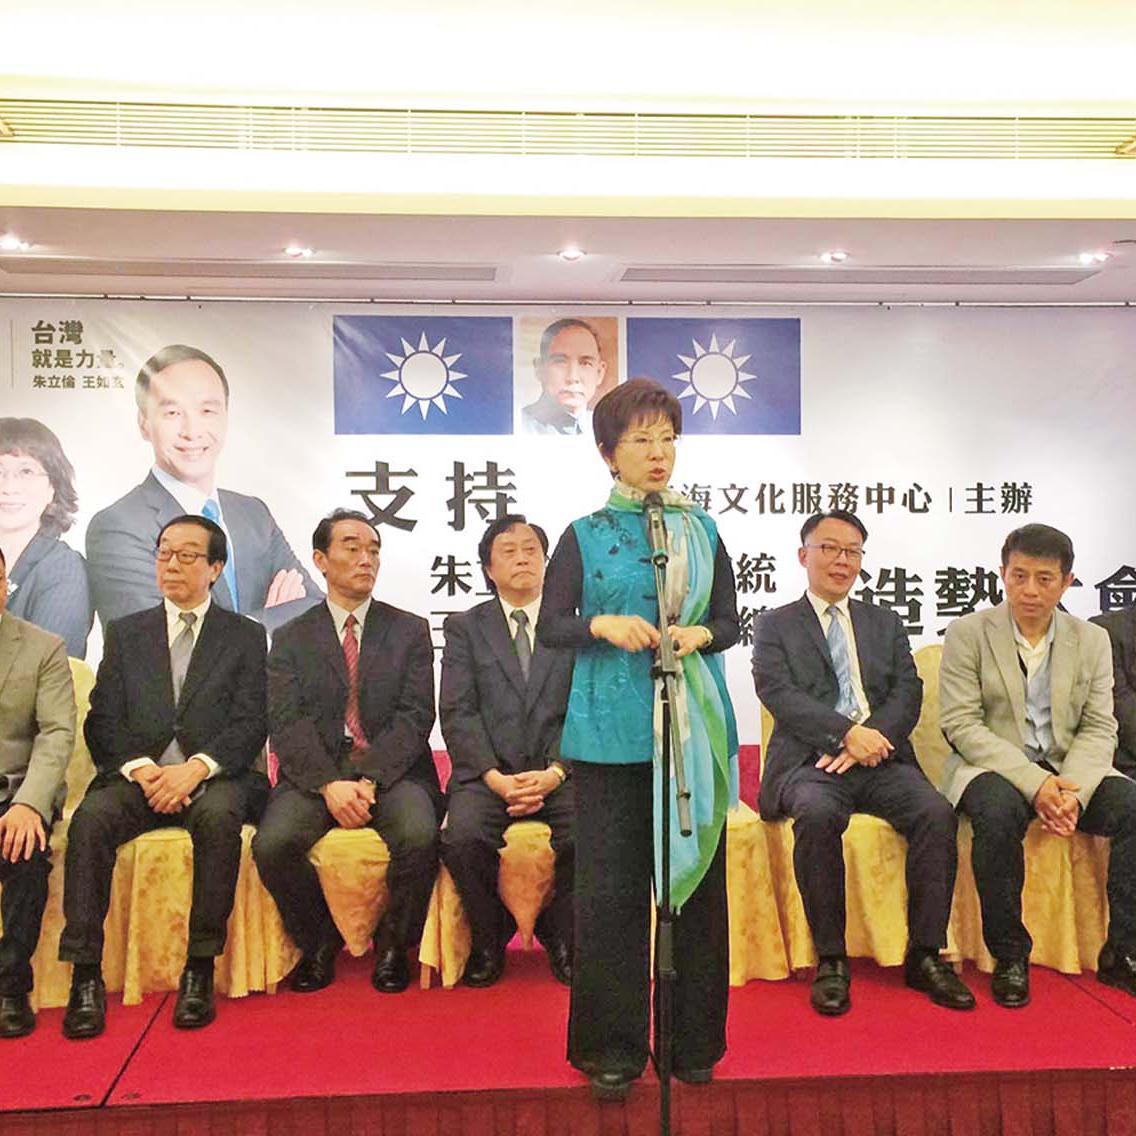 台灣大選國民黨選情嚴峻